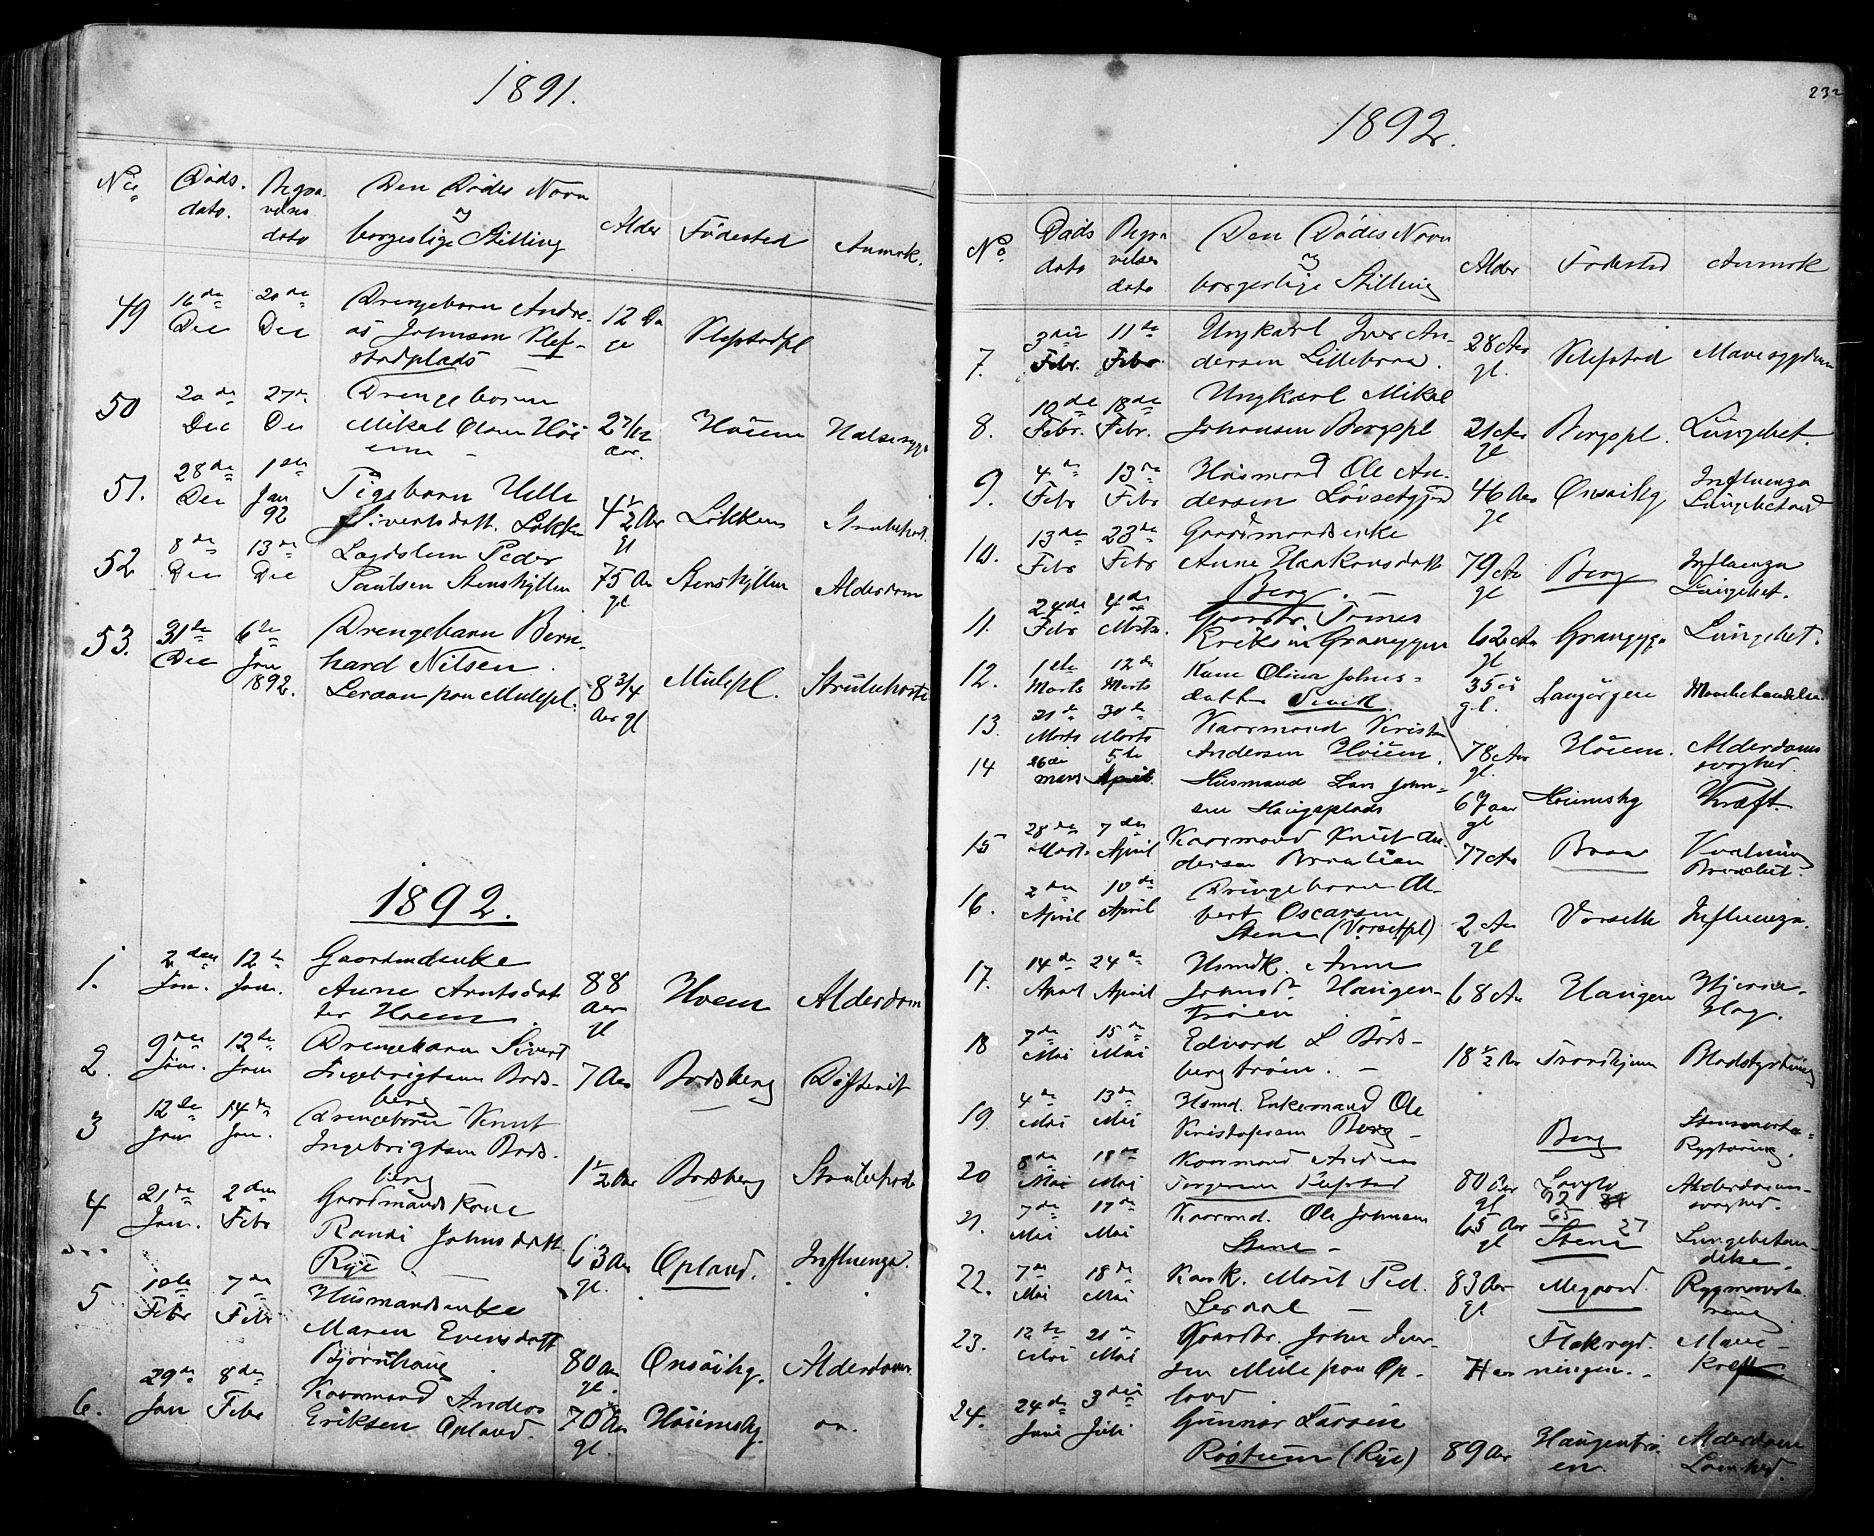 SAT, Ministerialprotokoller, klokkerbøker og fødselsregistre - Sør-Trøndelag, 612/L0387: Klokkerbok nr. 612C03, 1874-1908, s. 232